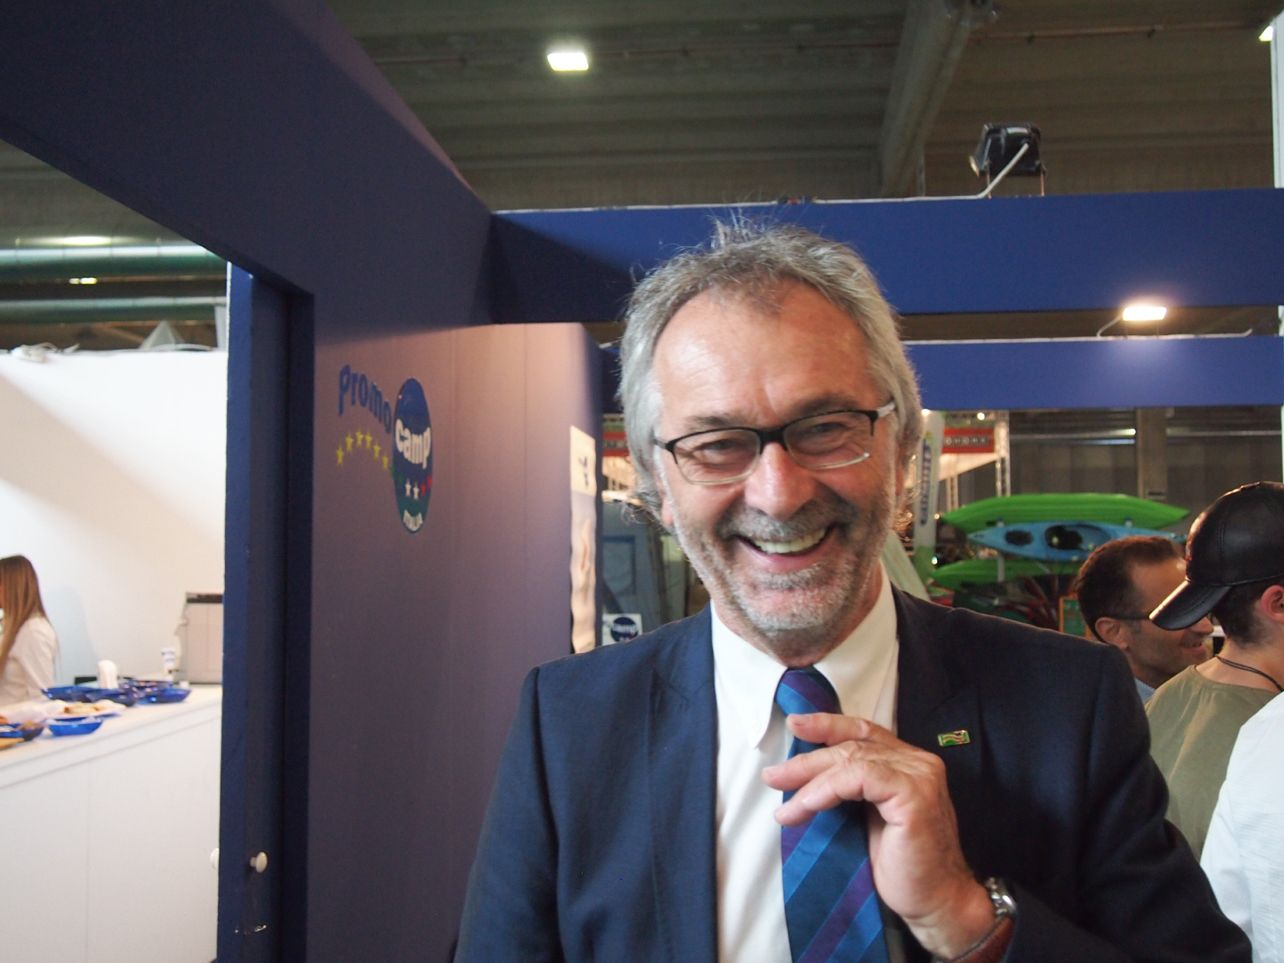 Luigi Boschetti Presidente Promocamp riconfermato